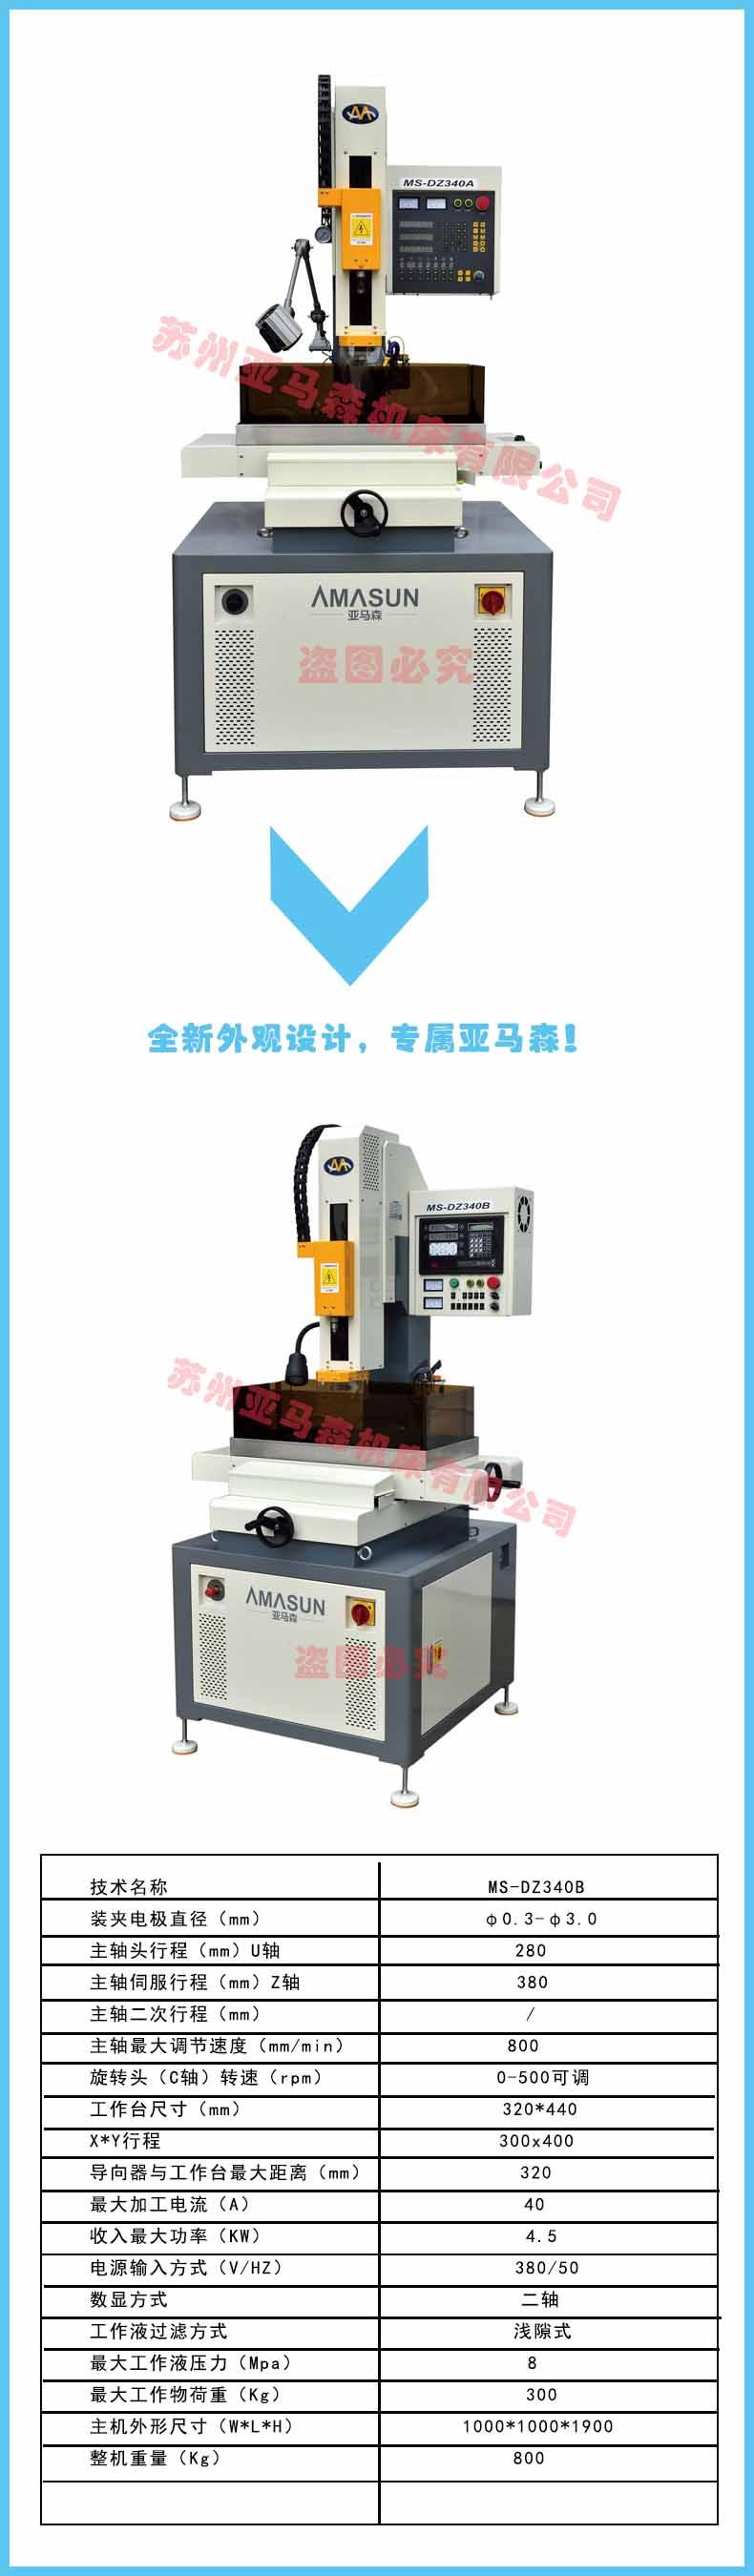 生产小孔机的厂家 苏州最好的小孔机厂家,小孔机,穿孔机,电火花小孔机,电火花穿孔机